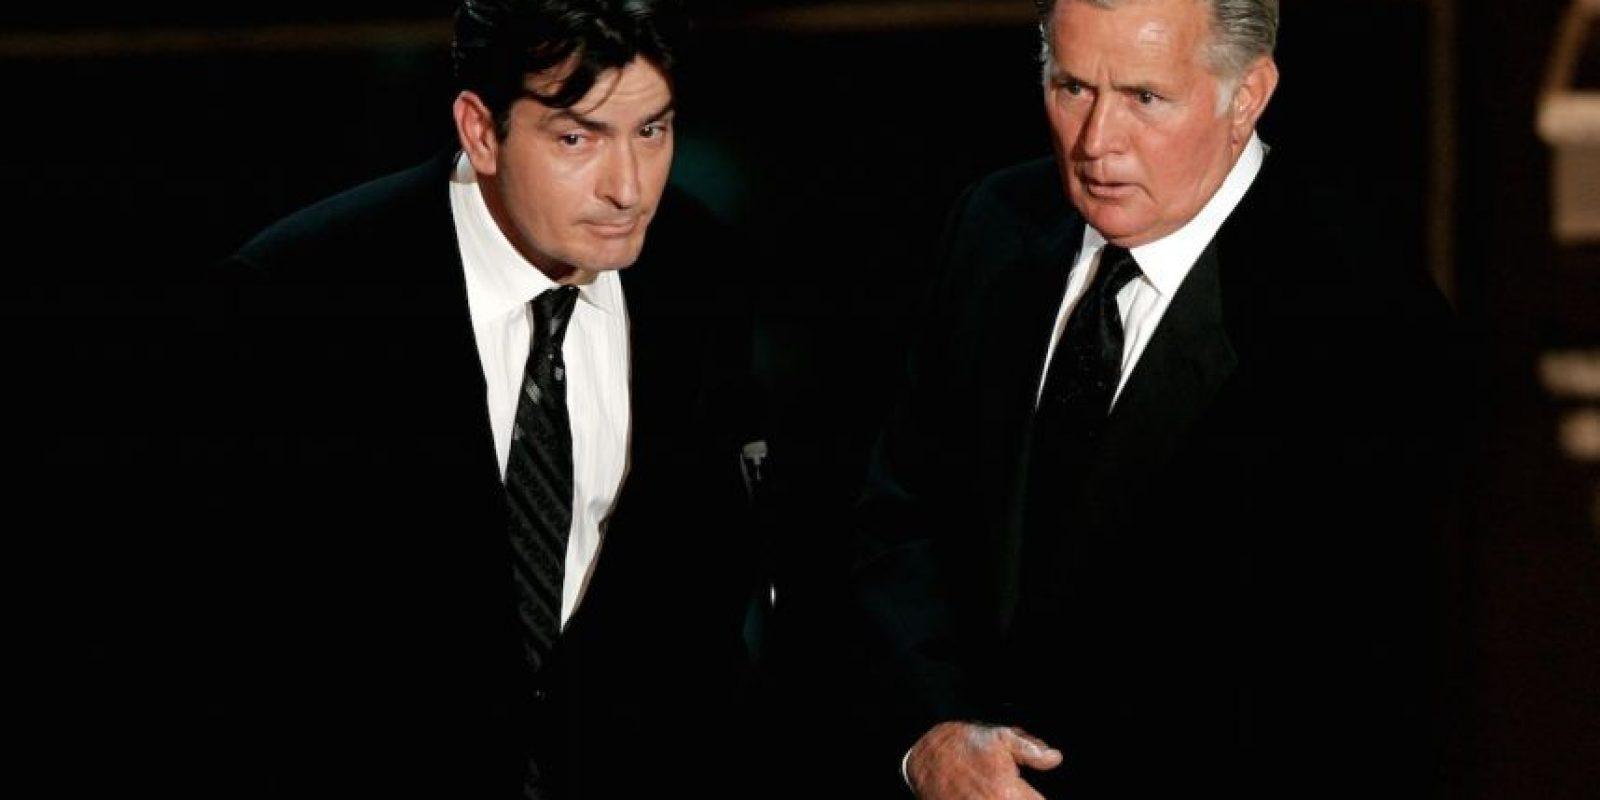 """""""Cuando lo vi solo, revelando su secreto más oscuro y profundo, no podía creer el nivel de valentía del que estaba siendo testigo y que era mi hijo. Le dejé un mensaje y le dije que si yo tuviera tanta valentía, cambiaría el mundo"""", declaró el actor Martin Sheen. Foto:Getty Images"""